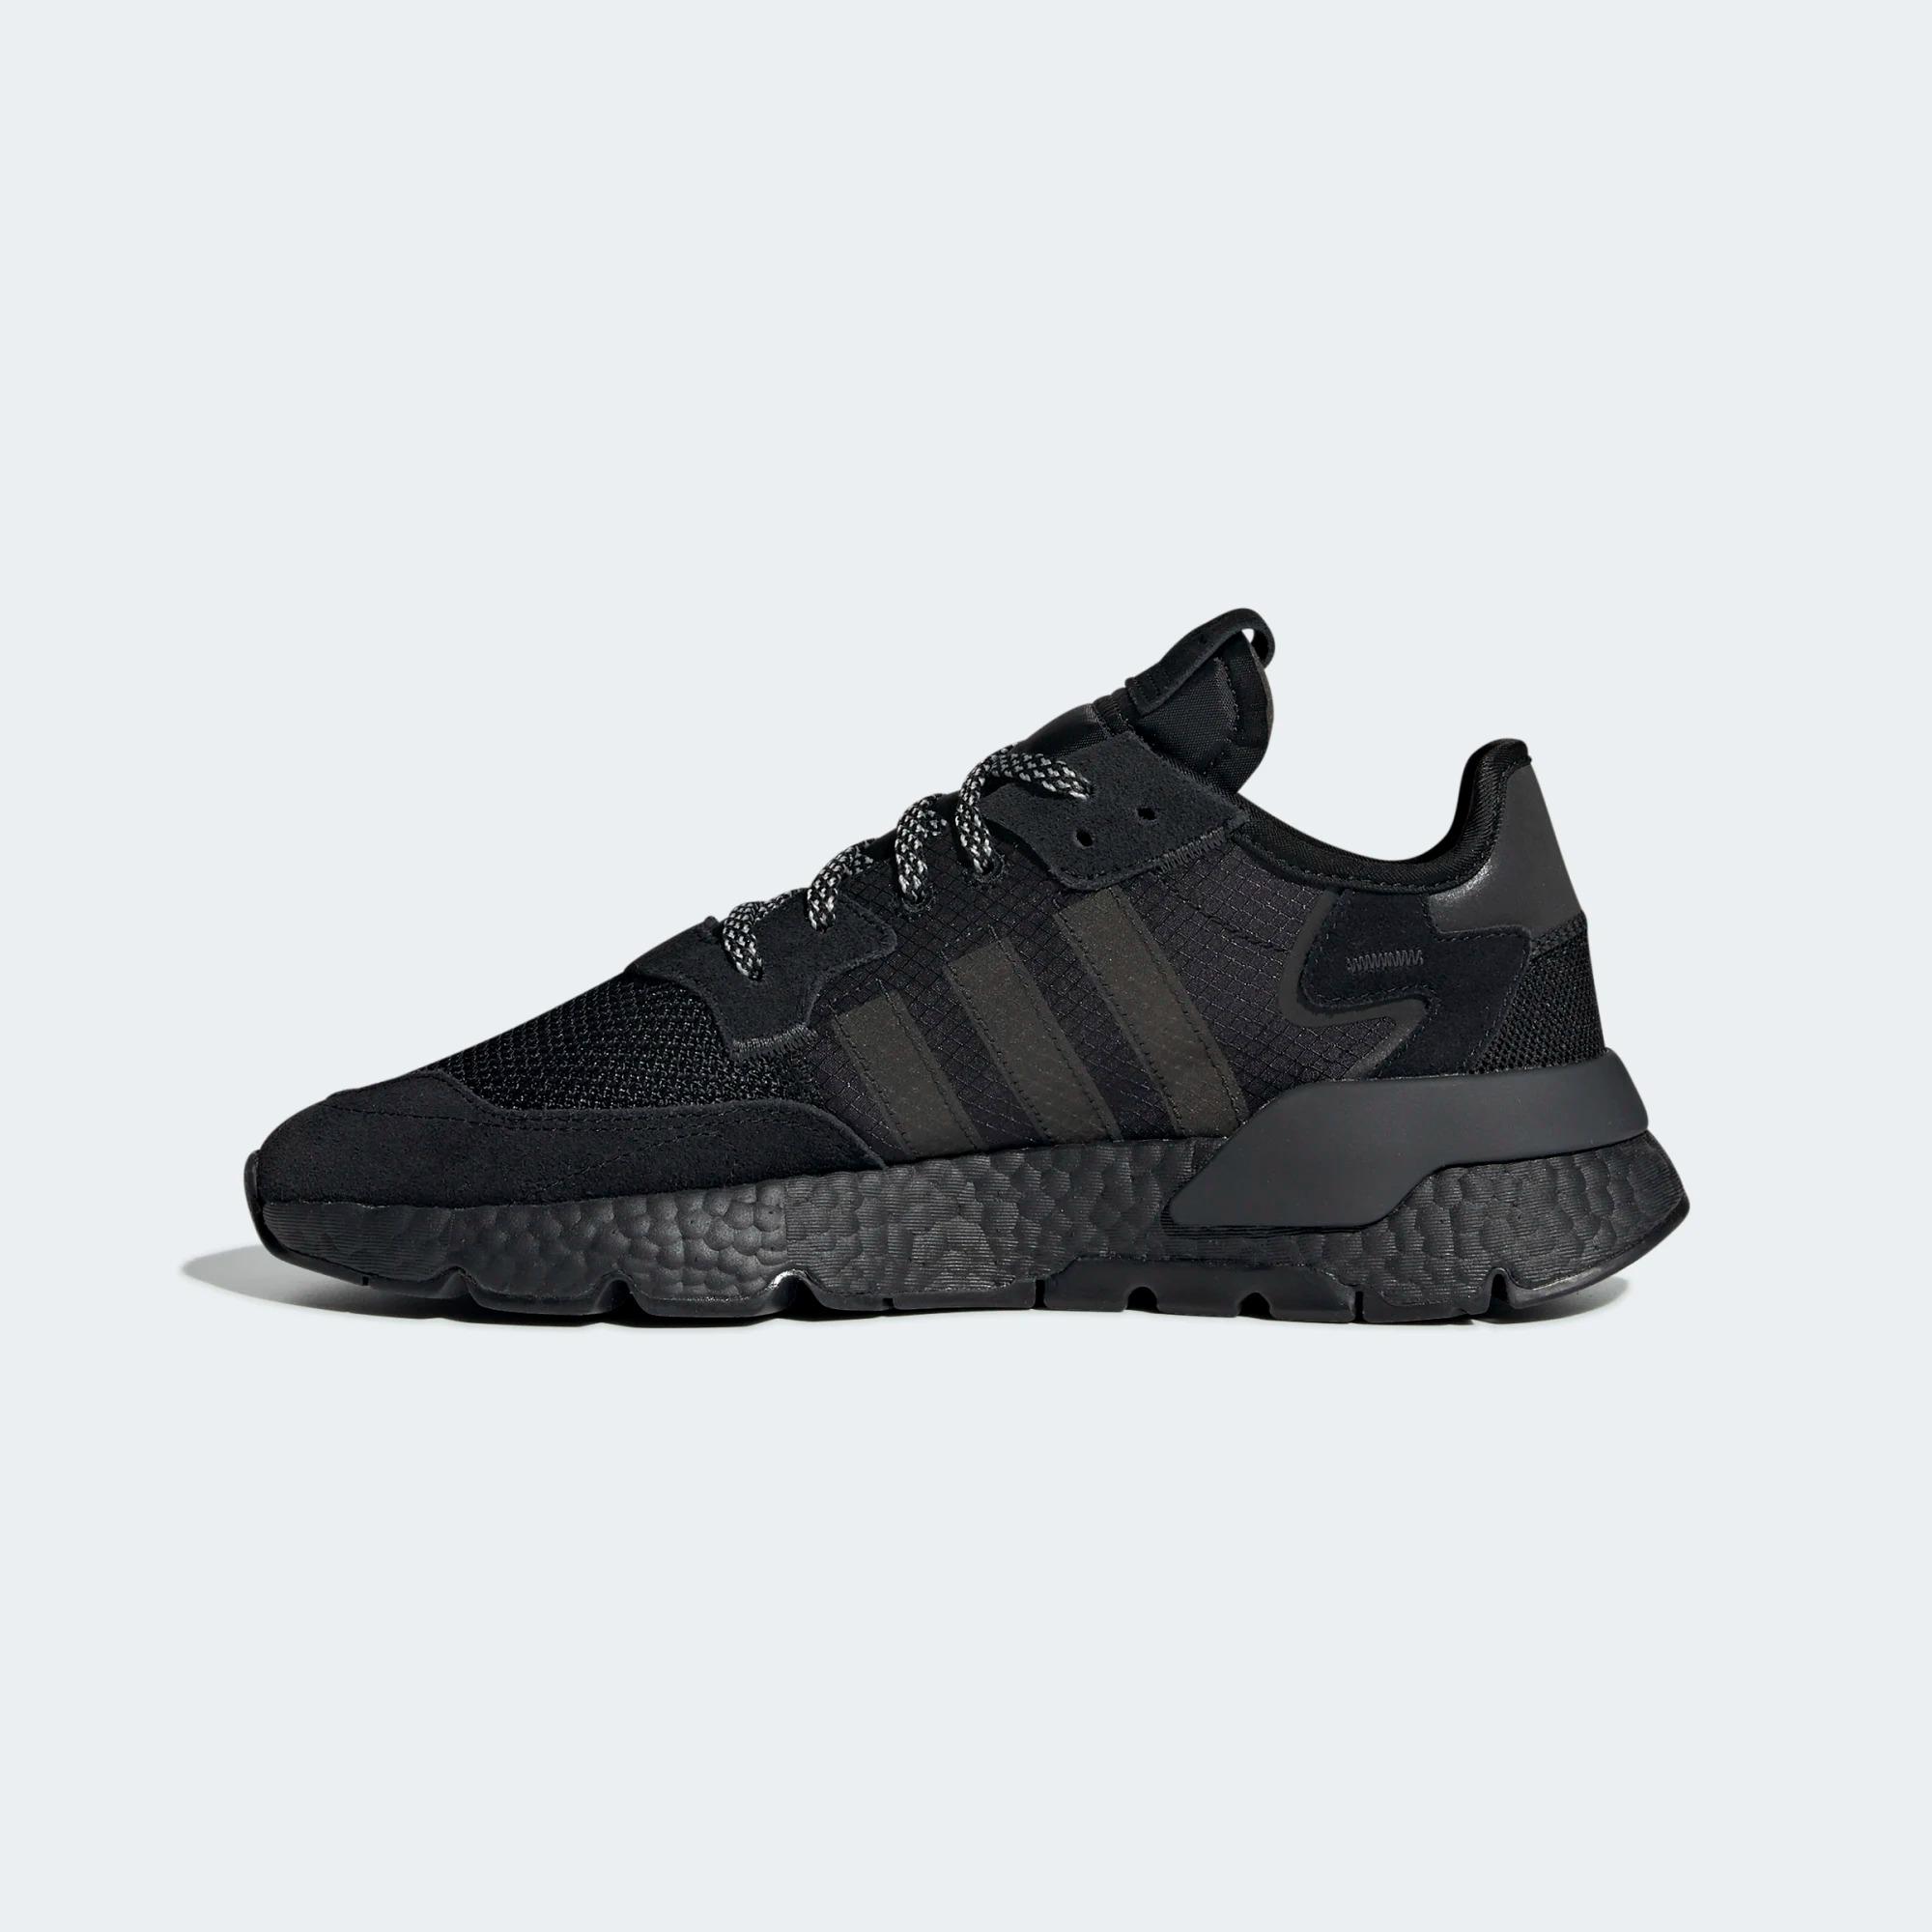 BD7954 adidas Nite Jogger Triple Black 6